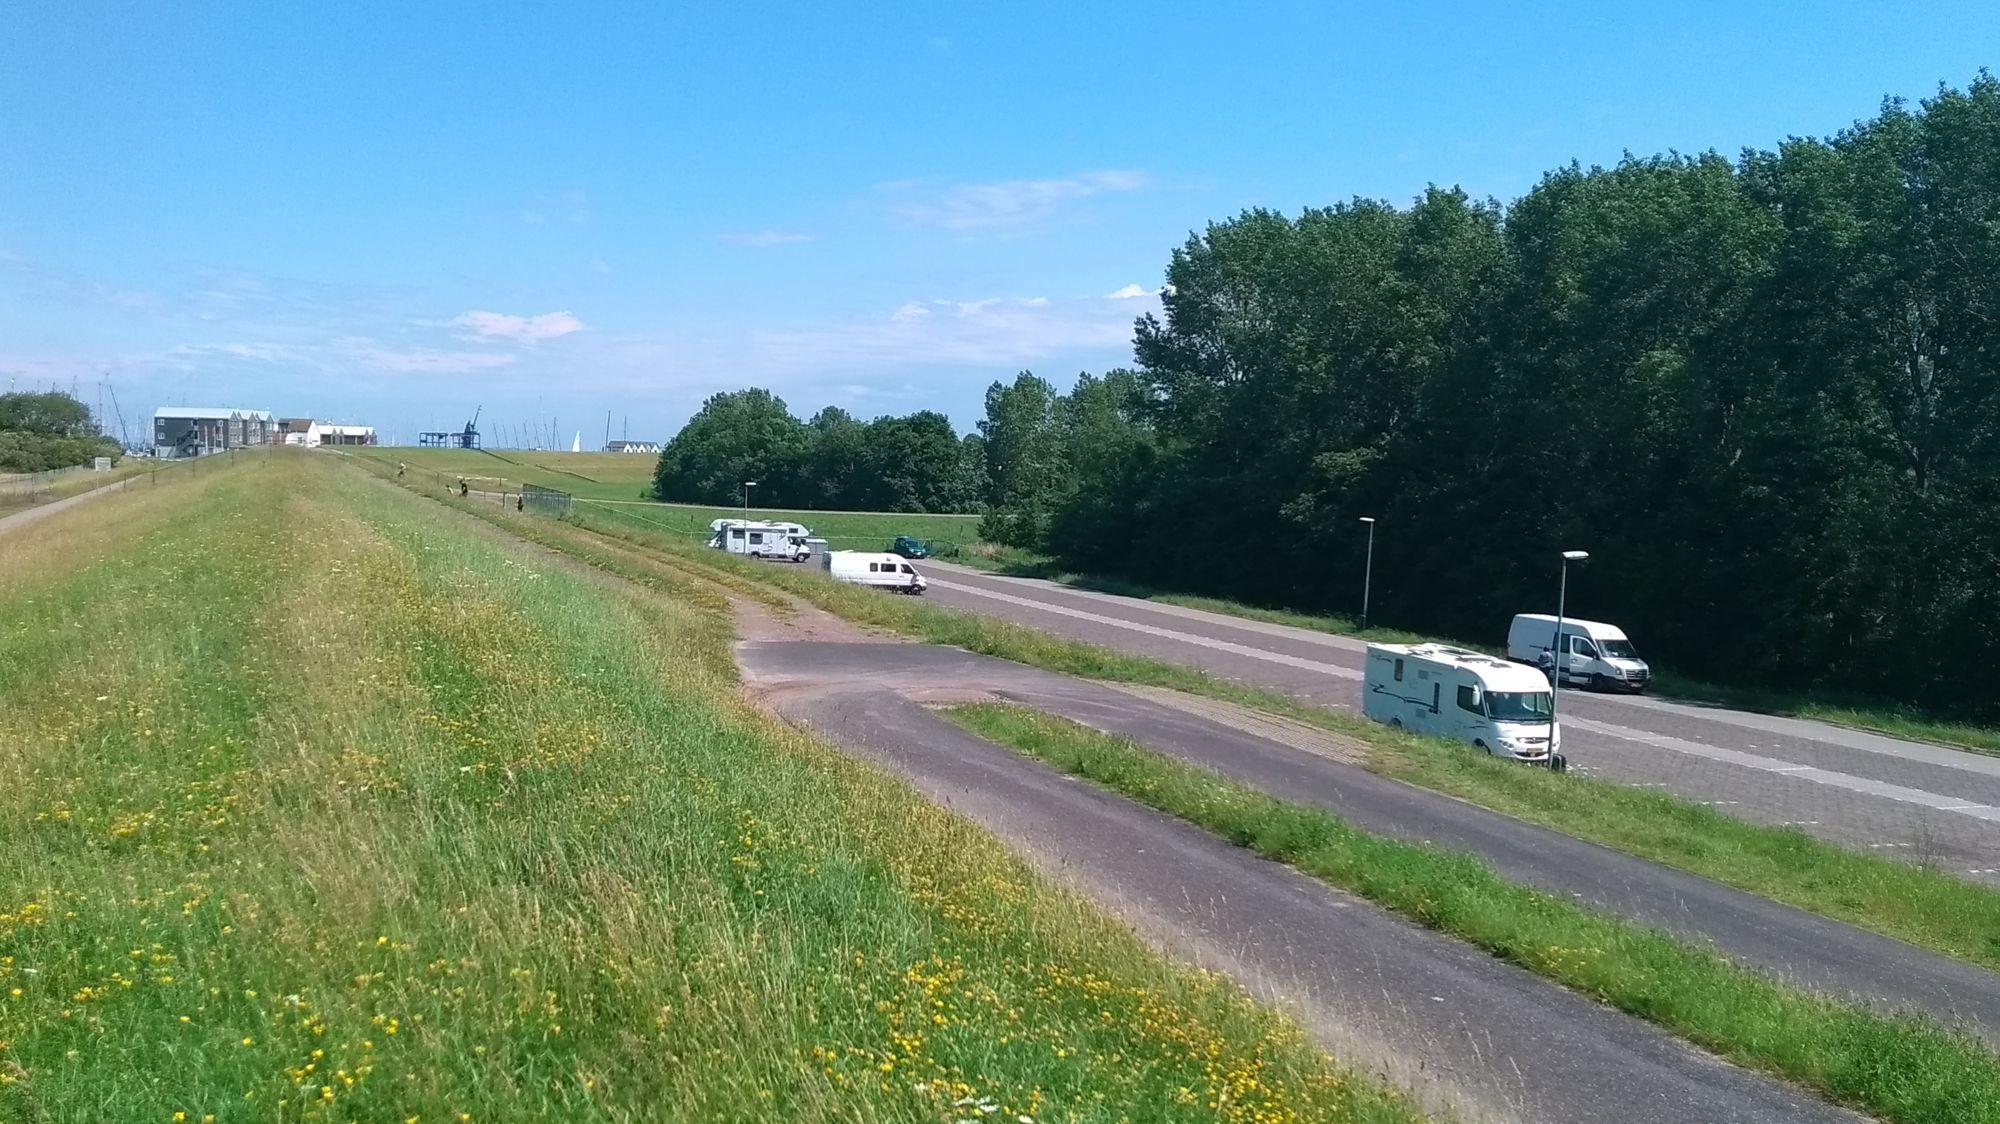 Camperplaats Houtribslag Lelystad